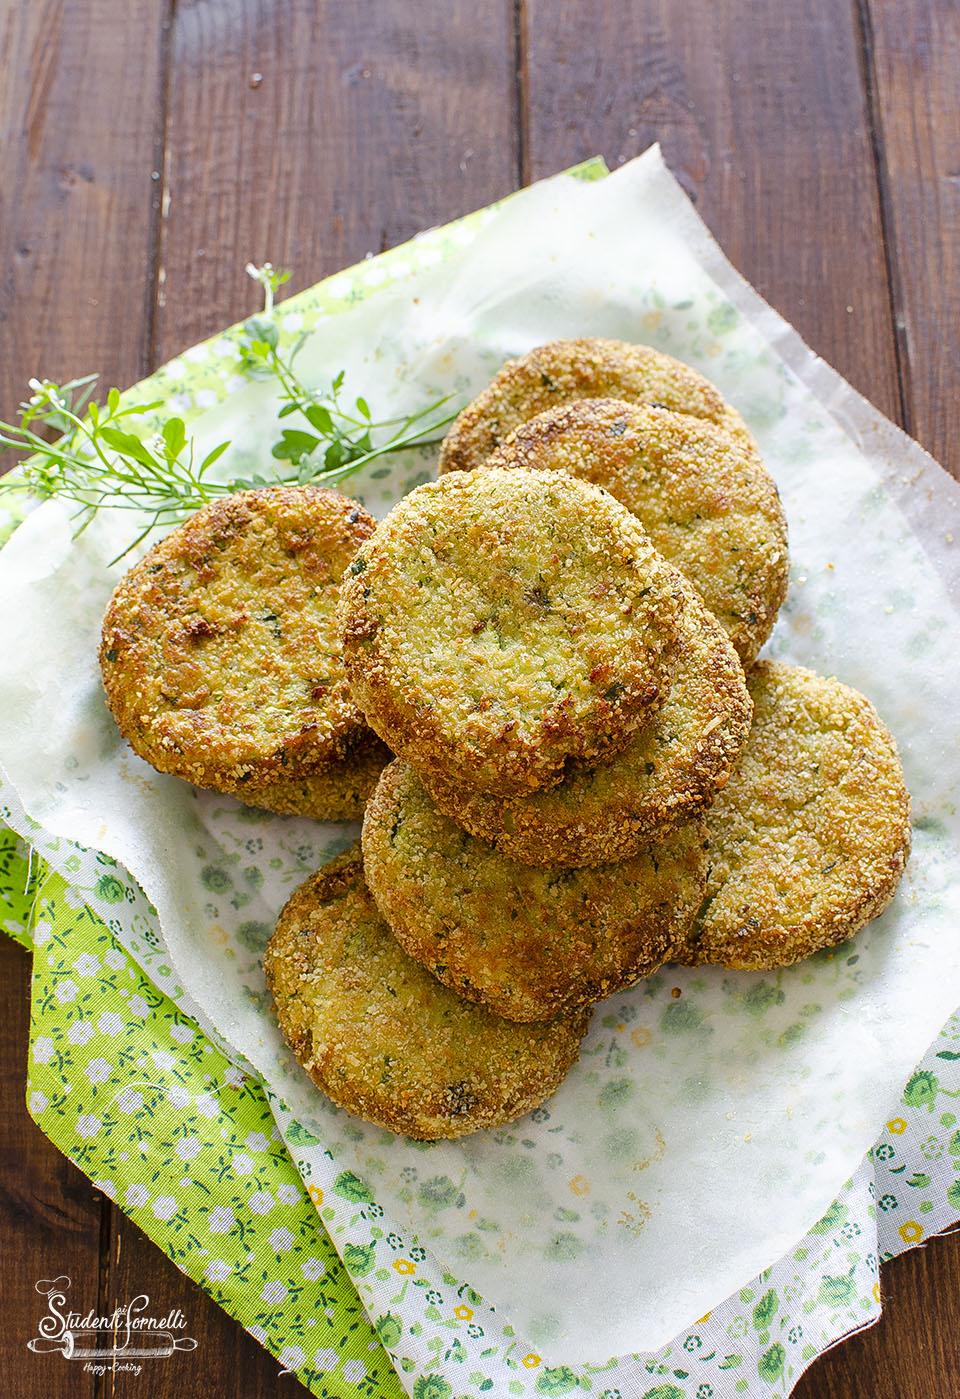 ricetta crocchette di zucchine e ricotta senza uova